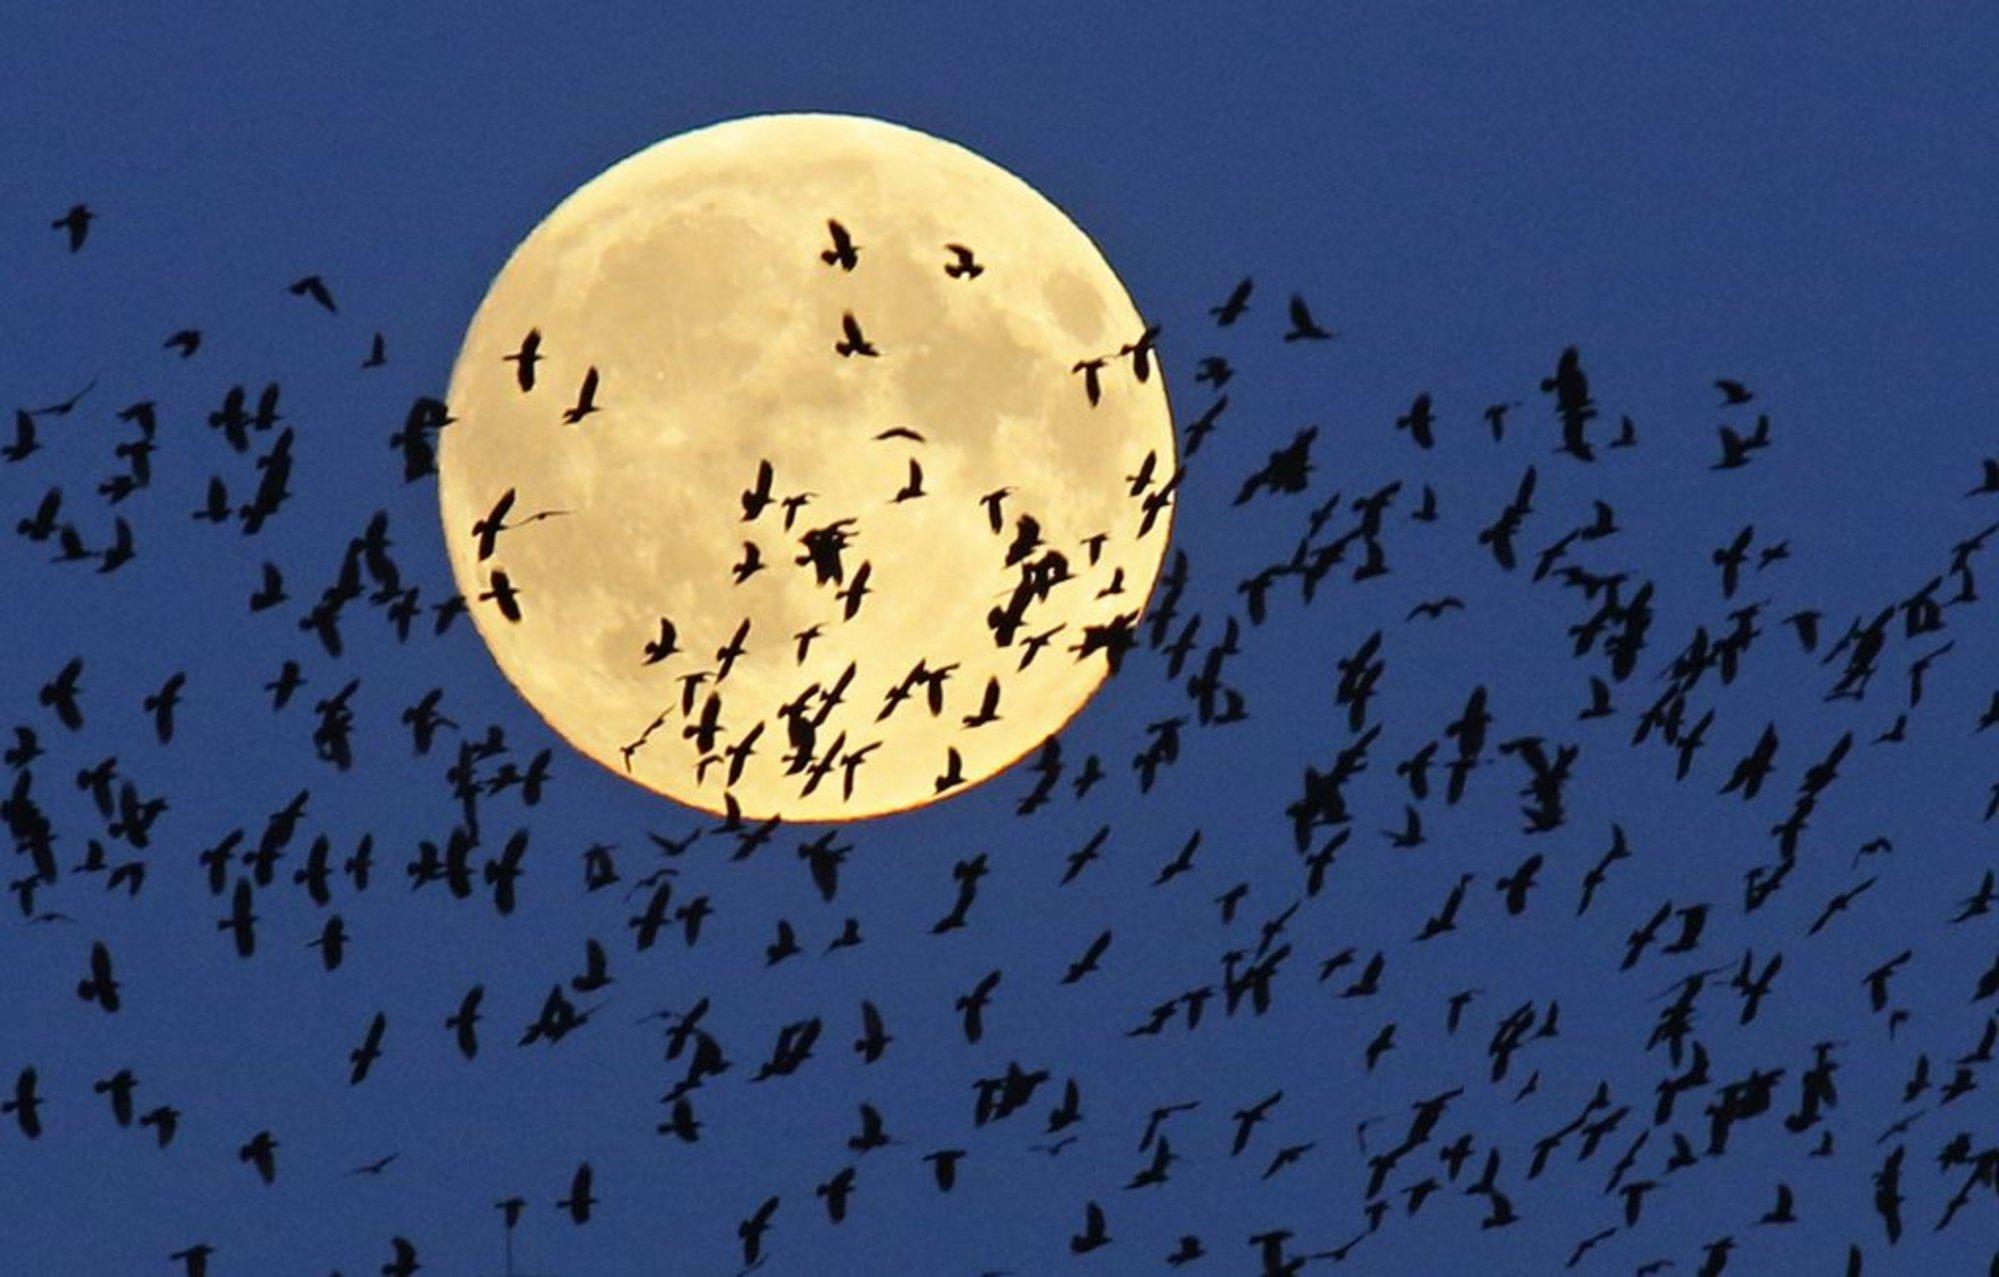 1443405183_10014861_belarus_supermoon_lunar_eclipse.JPG